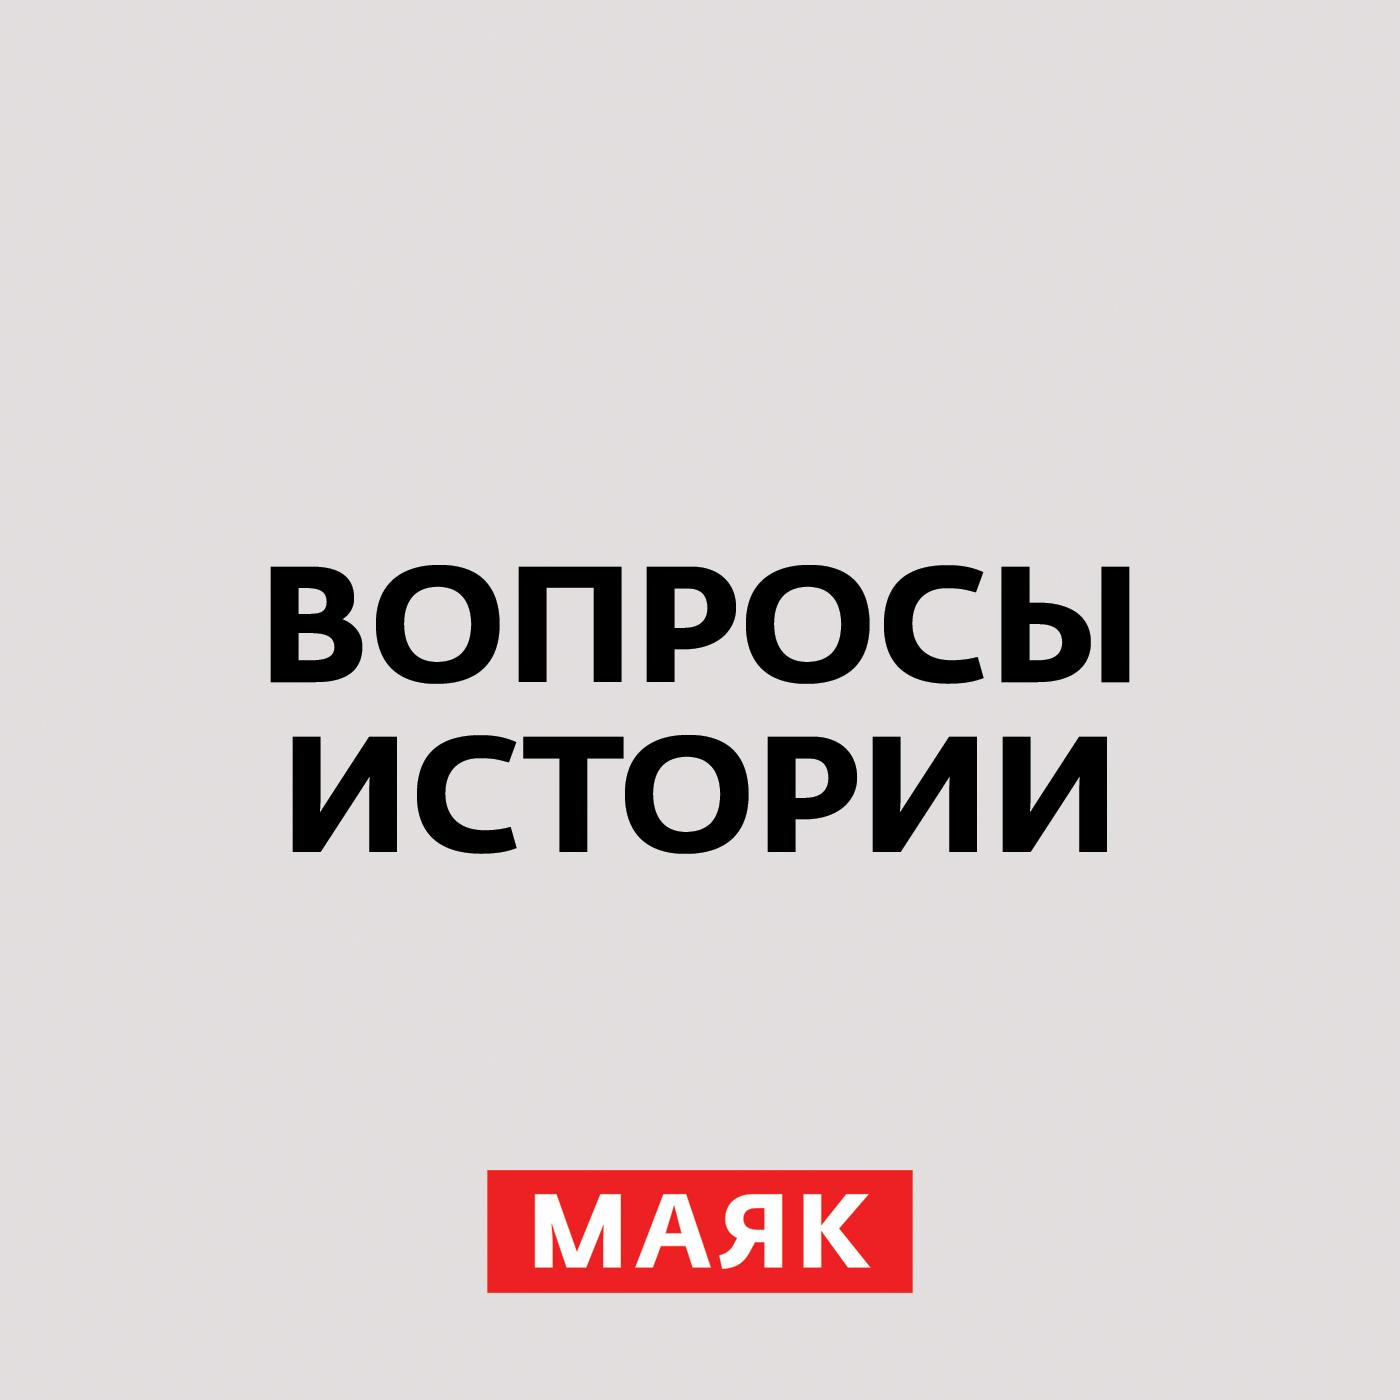 Андрей Светенко Сталину претило размышление о преемнике андрей светенко охота на ведьм сталину нравилось менять фаворитов